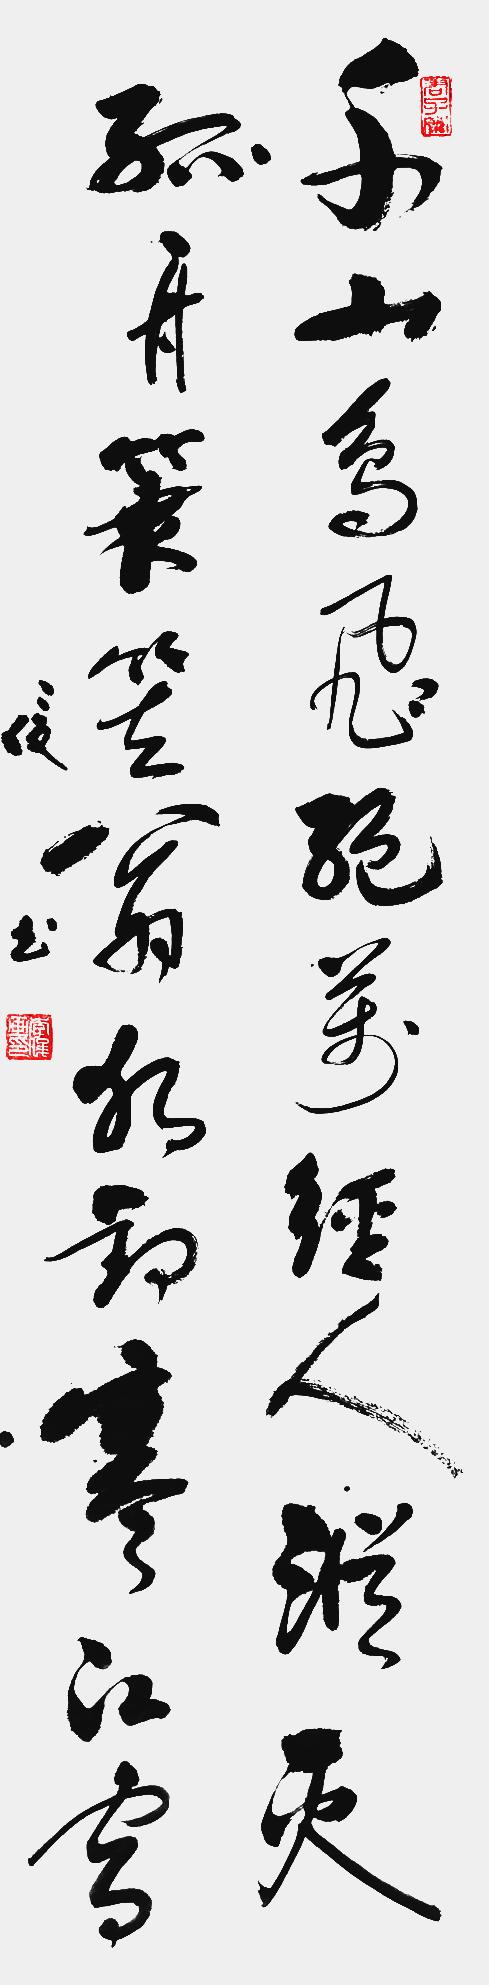 [文化中国]聚焦世界著名艺